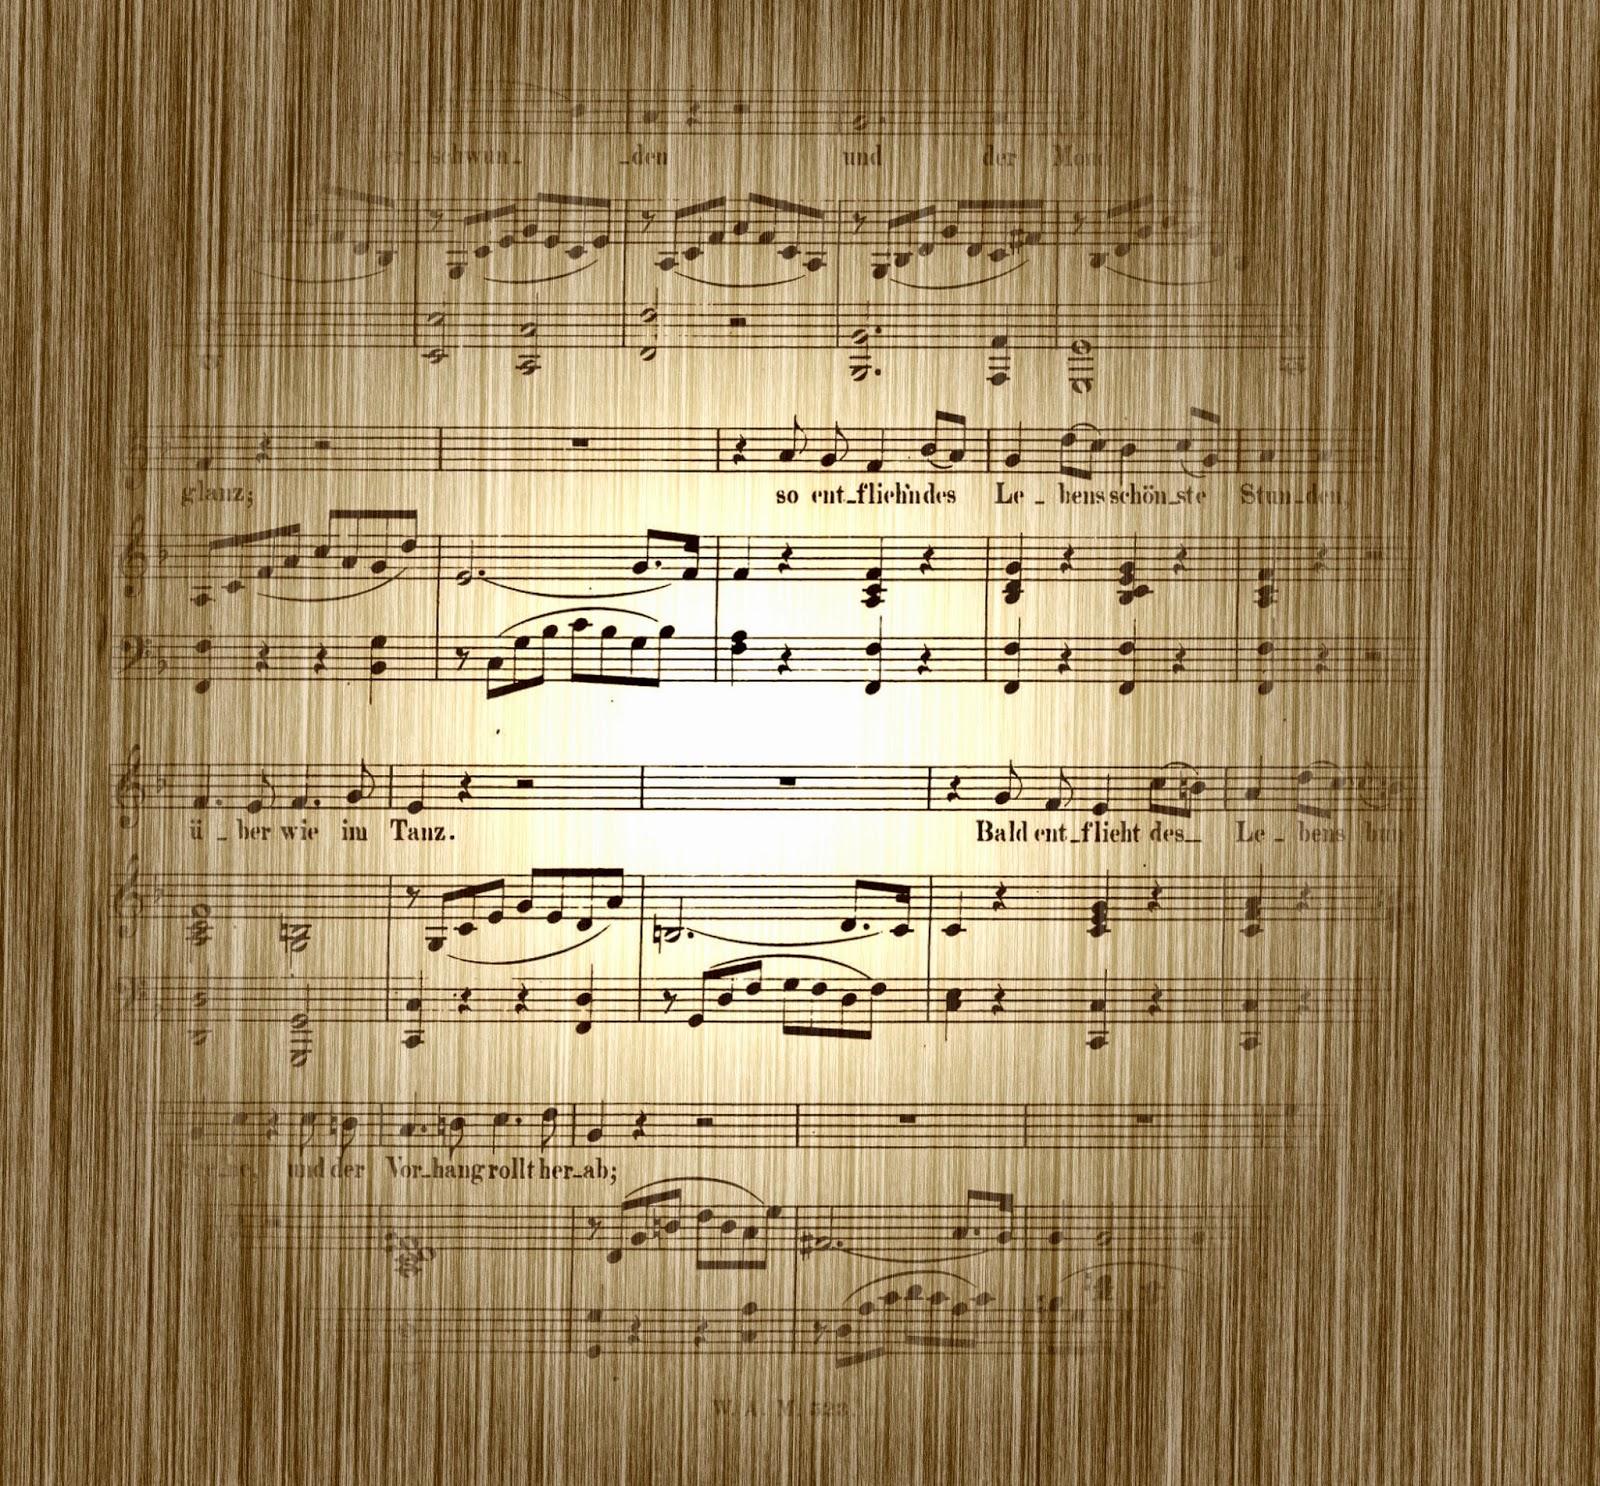 http://2.bp.blogspot.com/-eM6eukgBRWw/U7wbbP7OM0I/AAAAAAAAMuQ/Q5ZwZtA2mL0/s1600/Papier+de+musique+stylis%25C3%25A9+%25284%2529.jpg